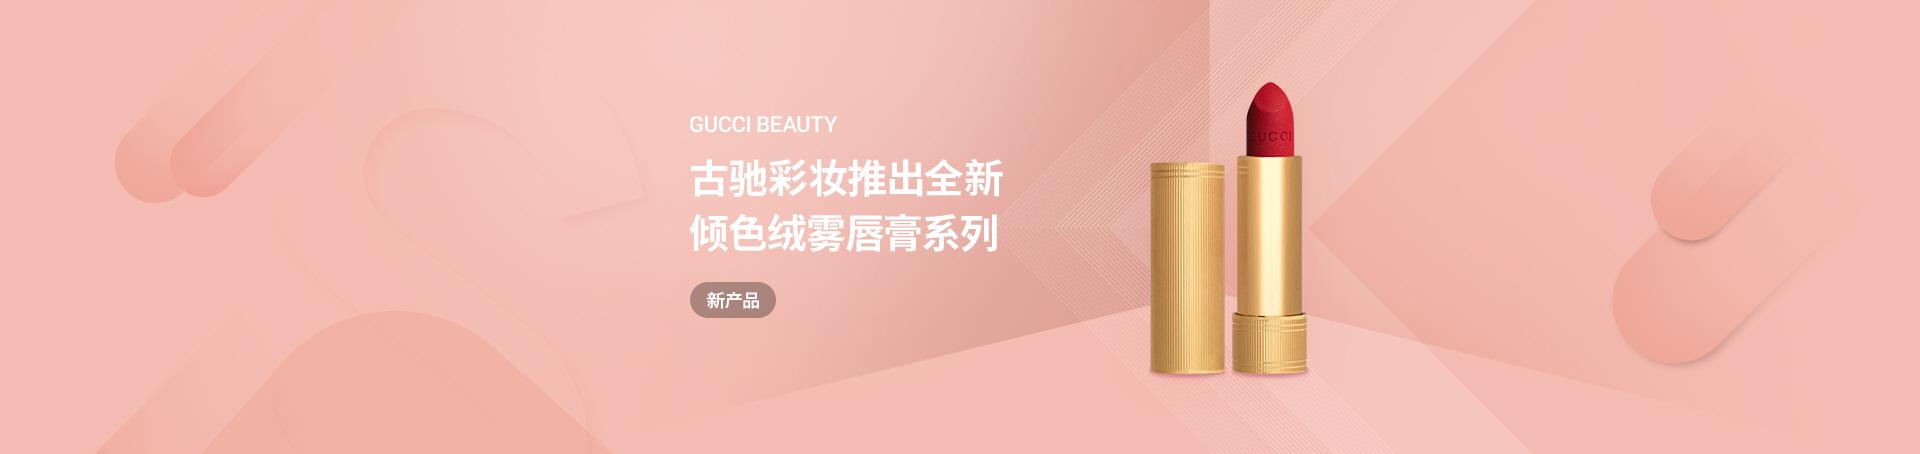 古驰化妆品 新商品推介